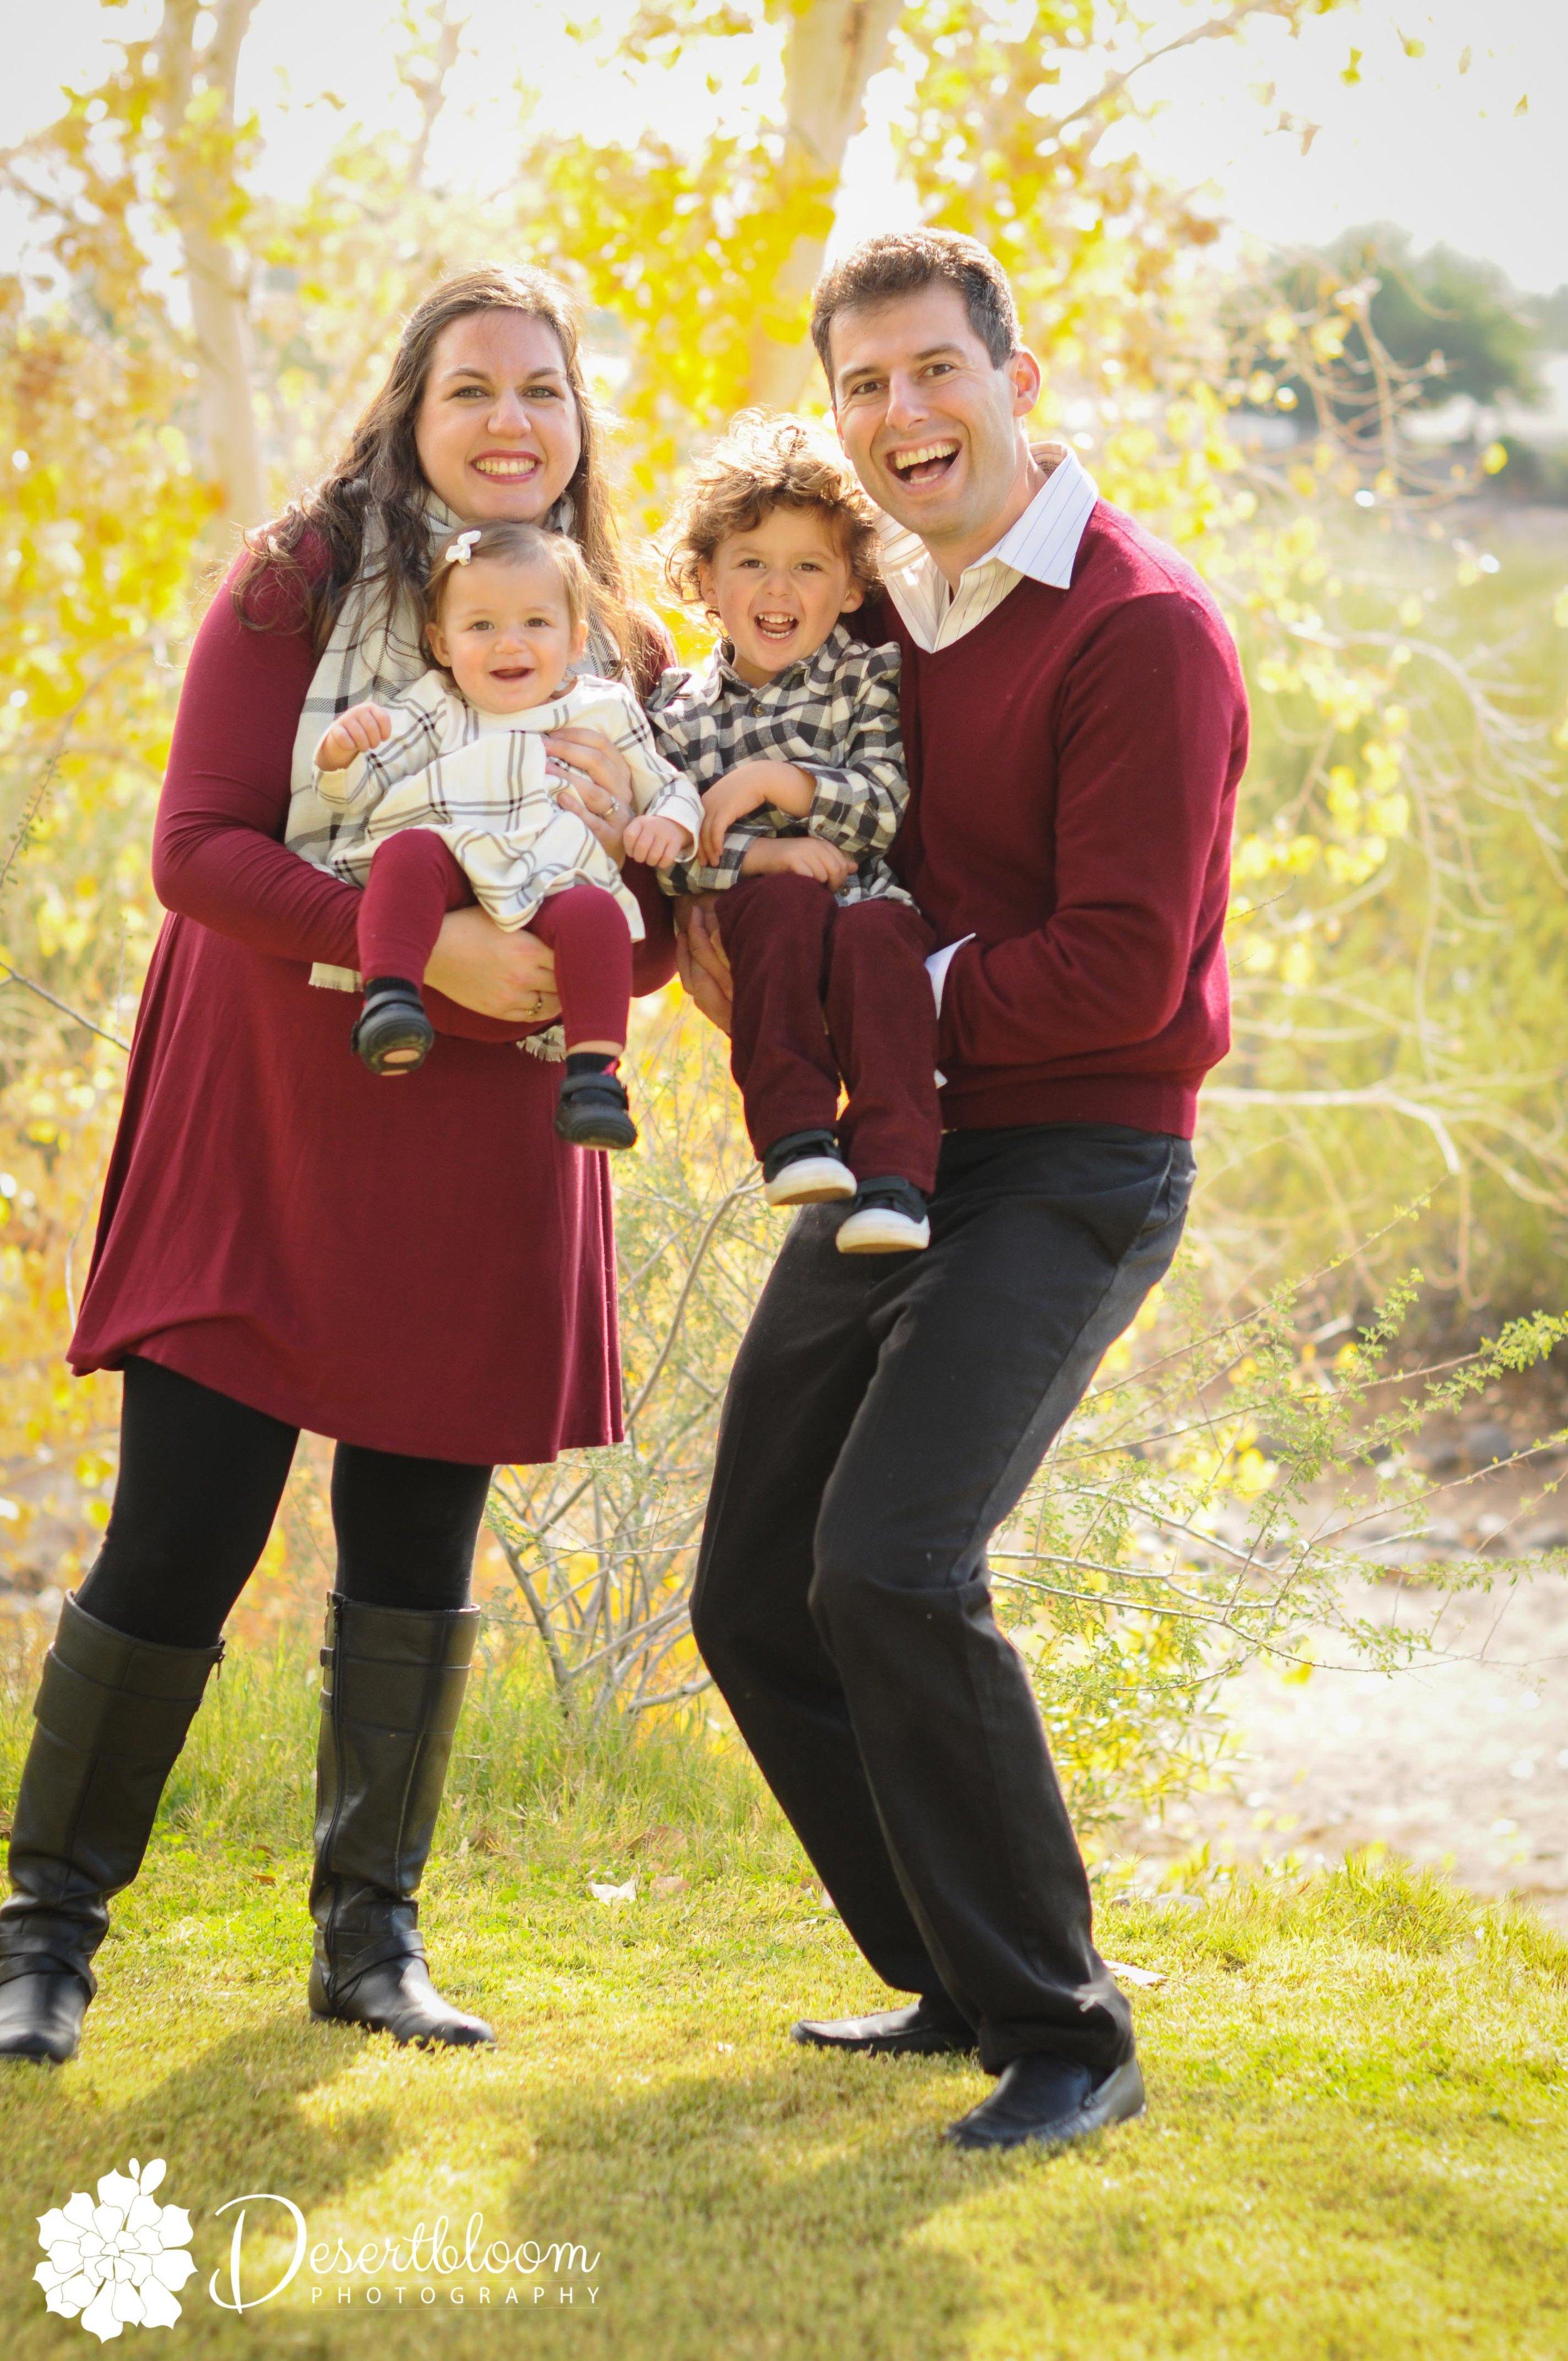 Henderson, Nv Family Photographer